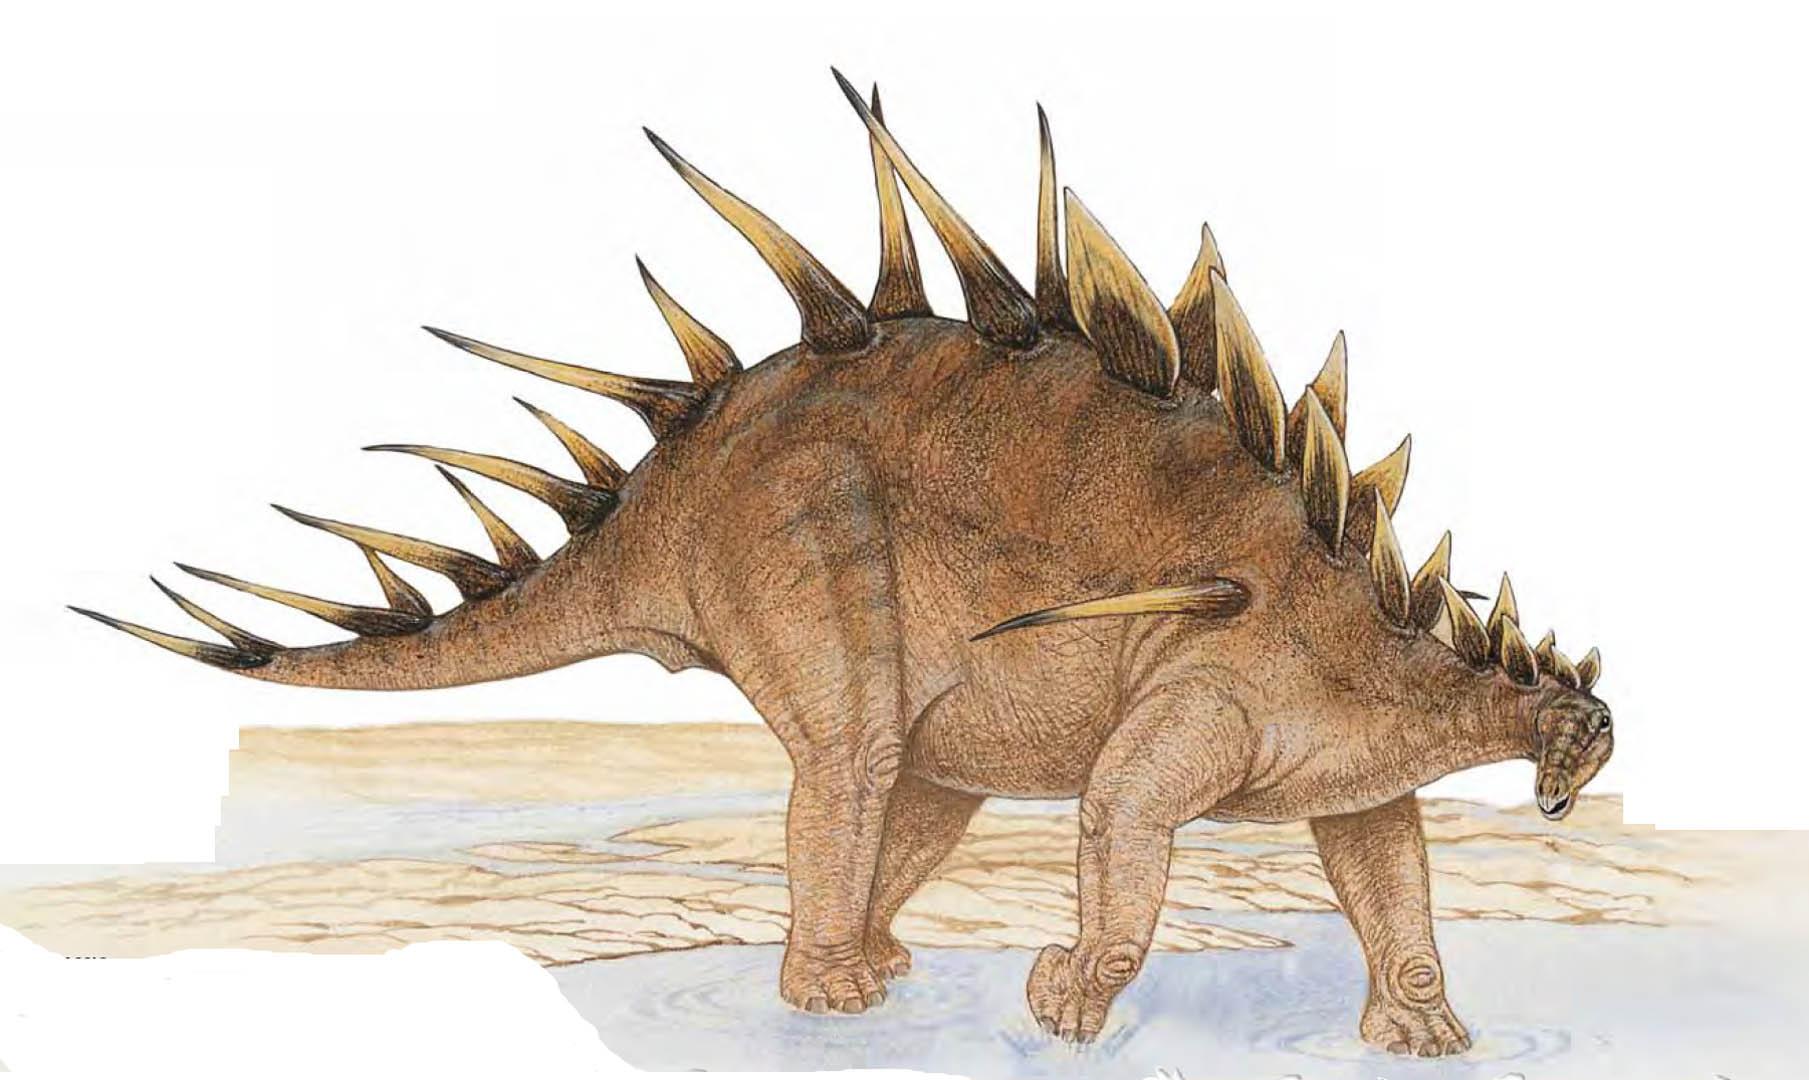 Kentrosaurus Spikey Lizard